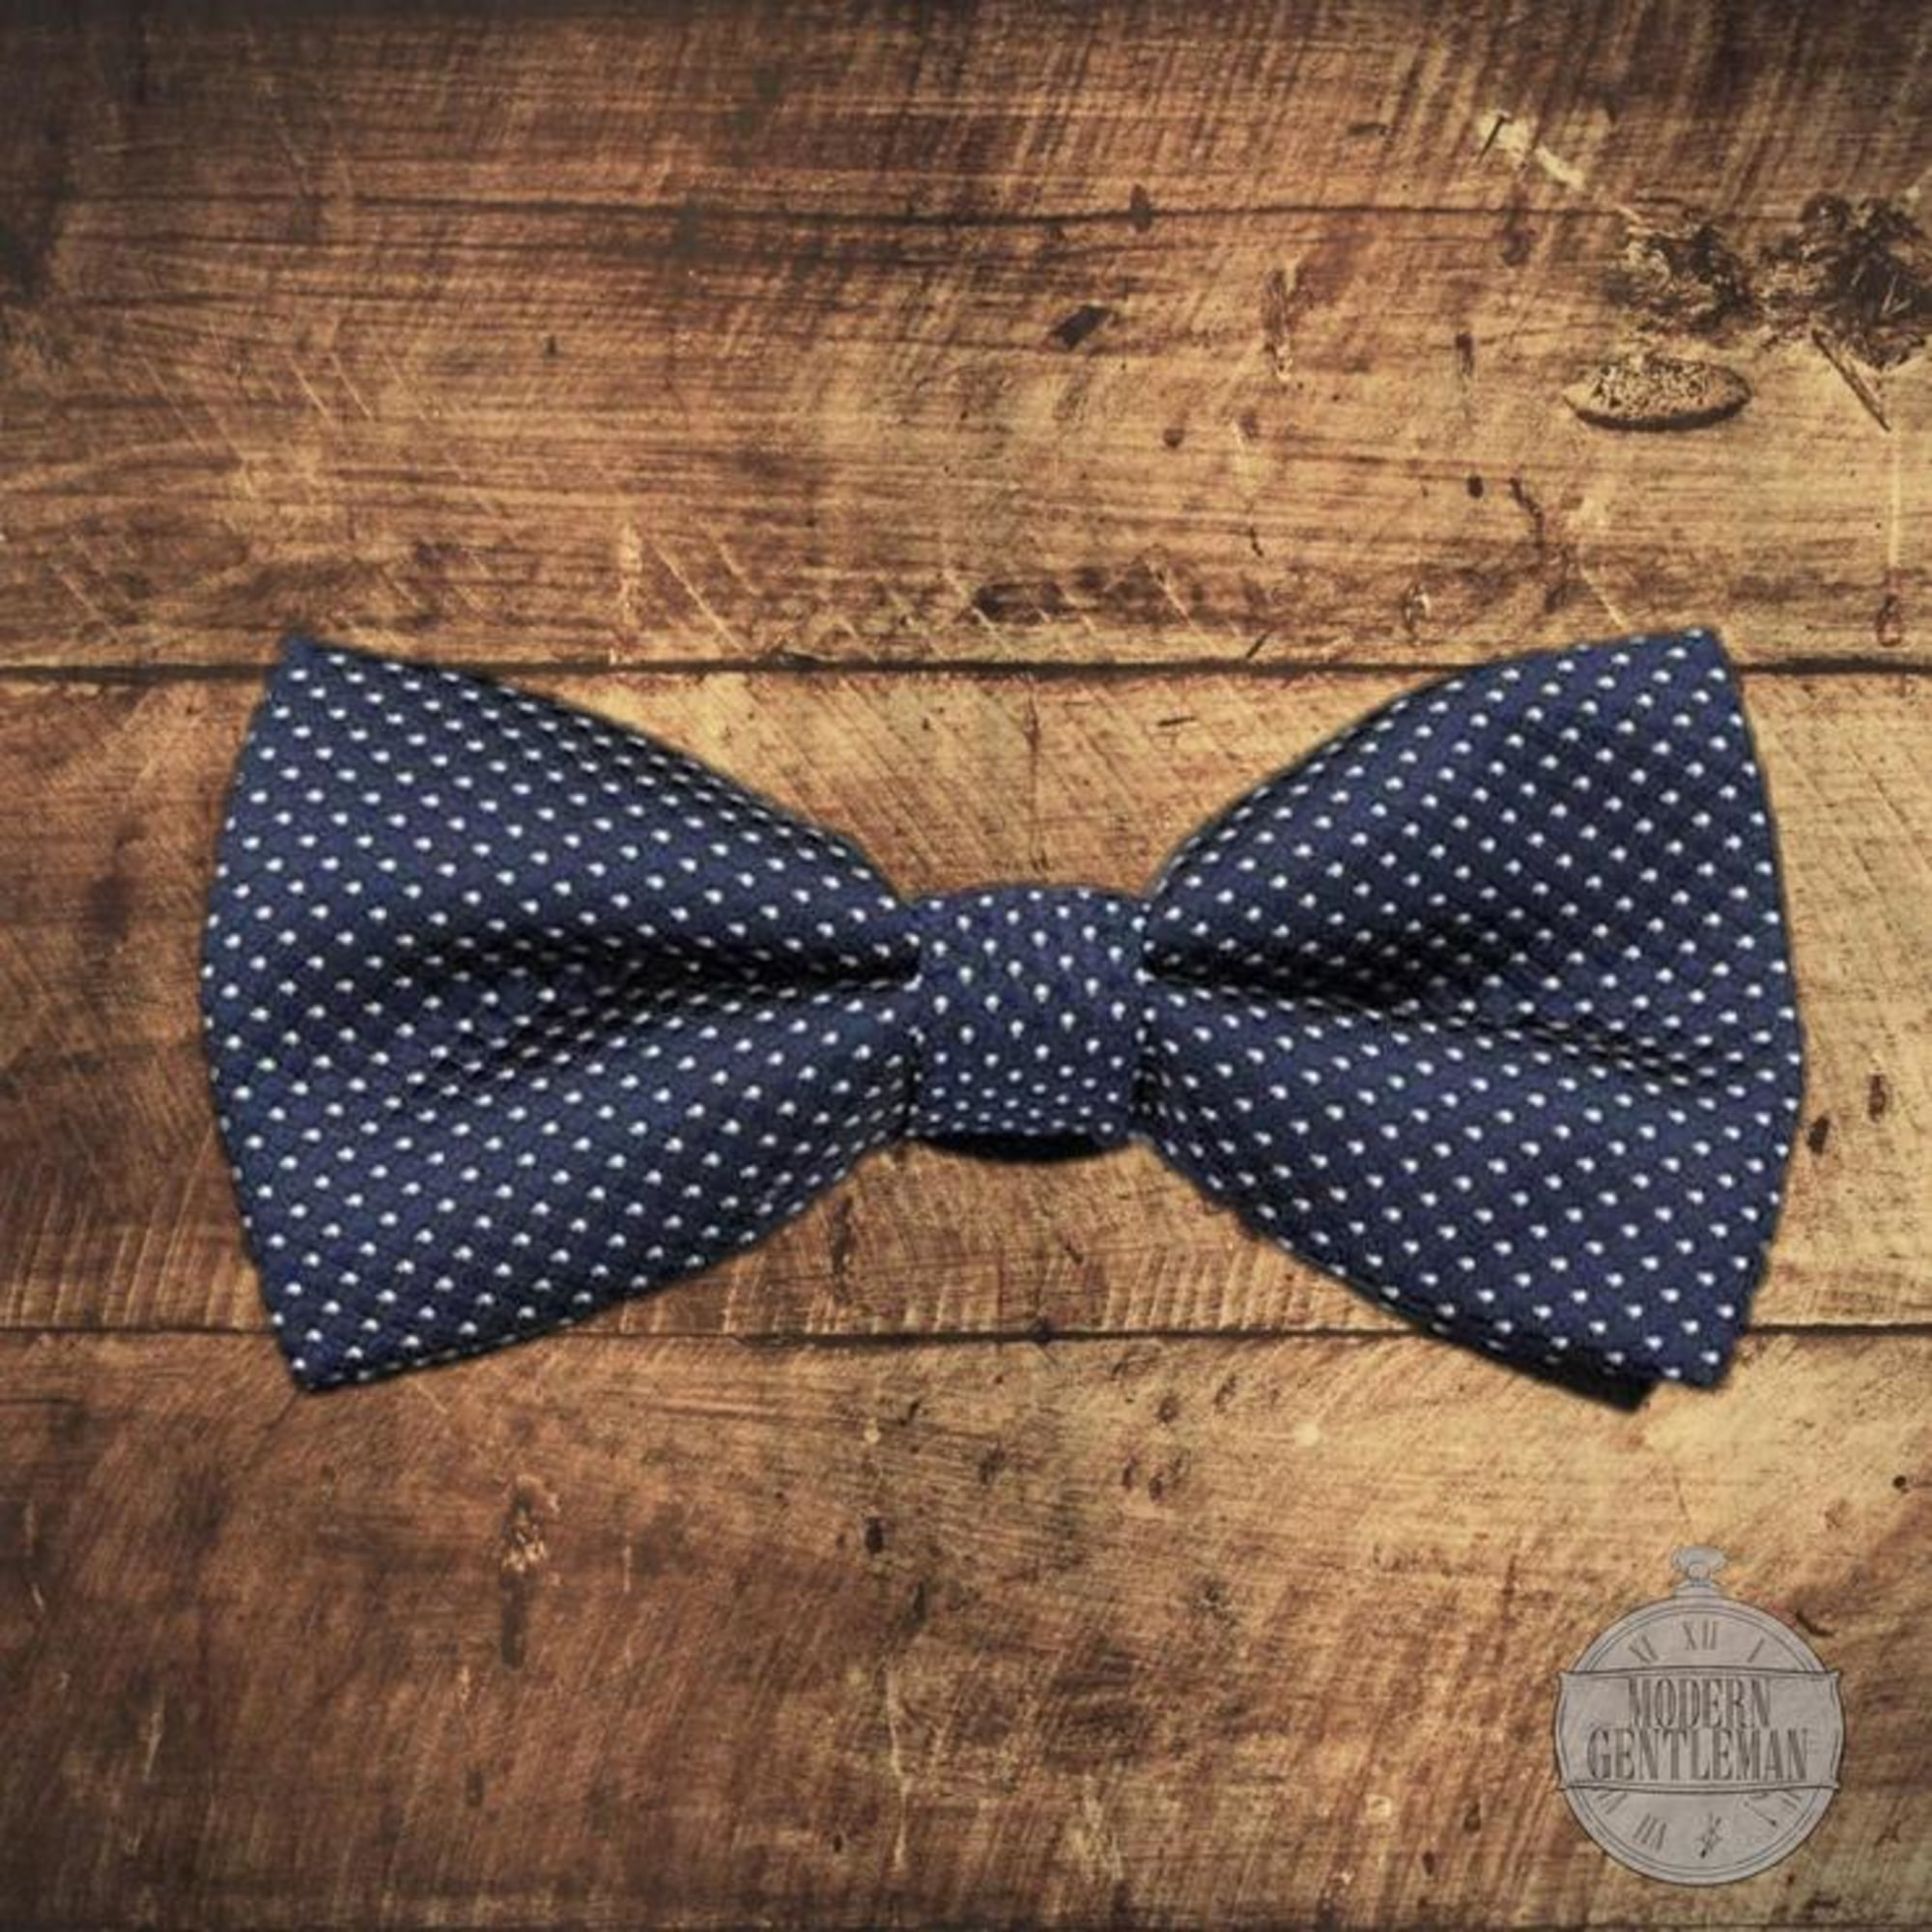 Noeud papillon MODERN GENTLEMAN Bleu, bleu marine, bleu turquoise